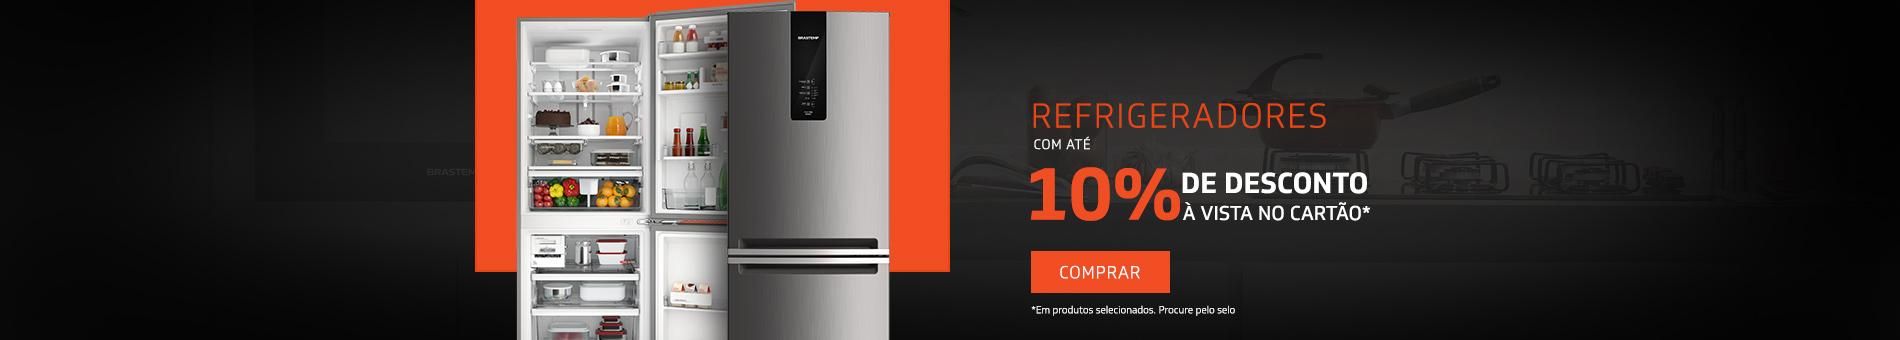 Promoção Interna - 2868 - campanha-generica_BRE57AK-refriate10avistanocartao_19022019_home2 - BRE57AK-refriate10avistanocartao - 2